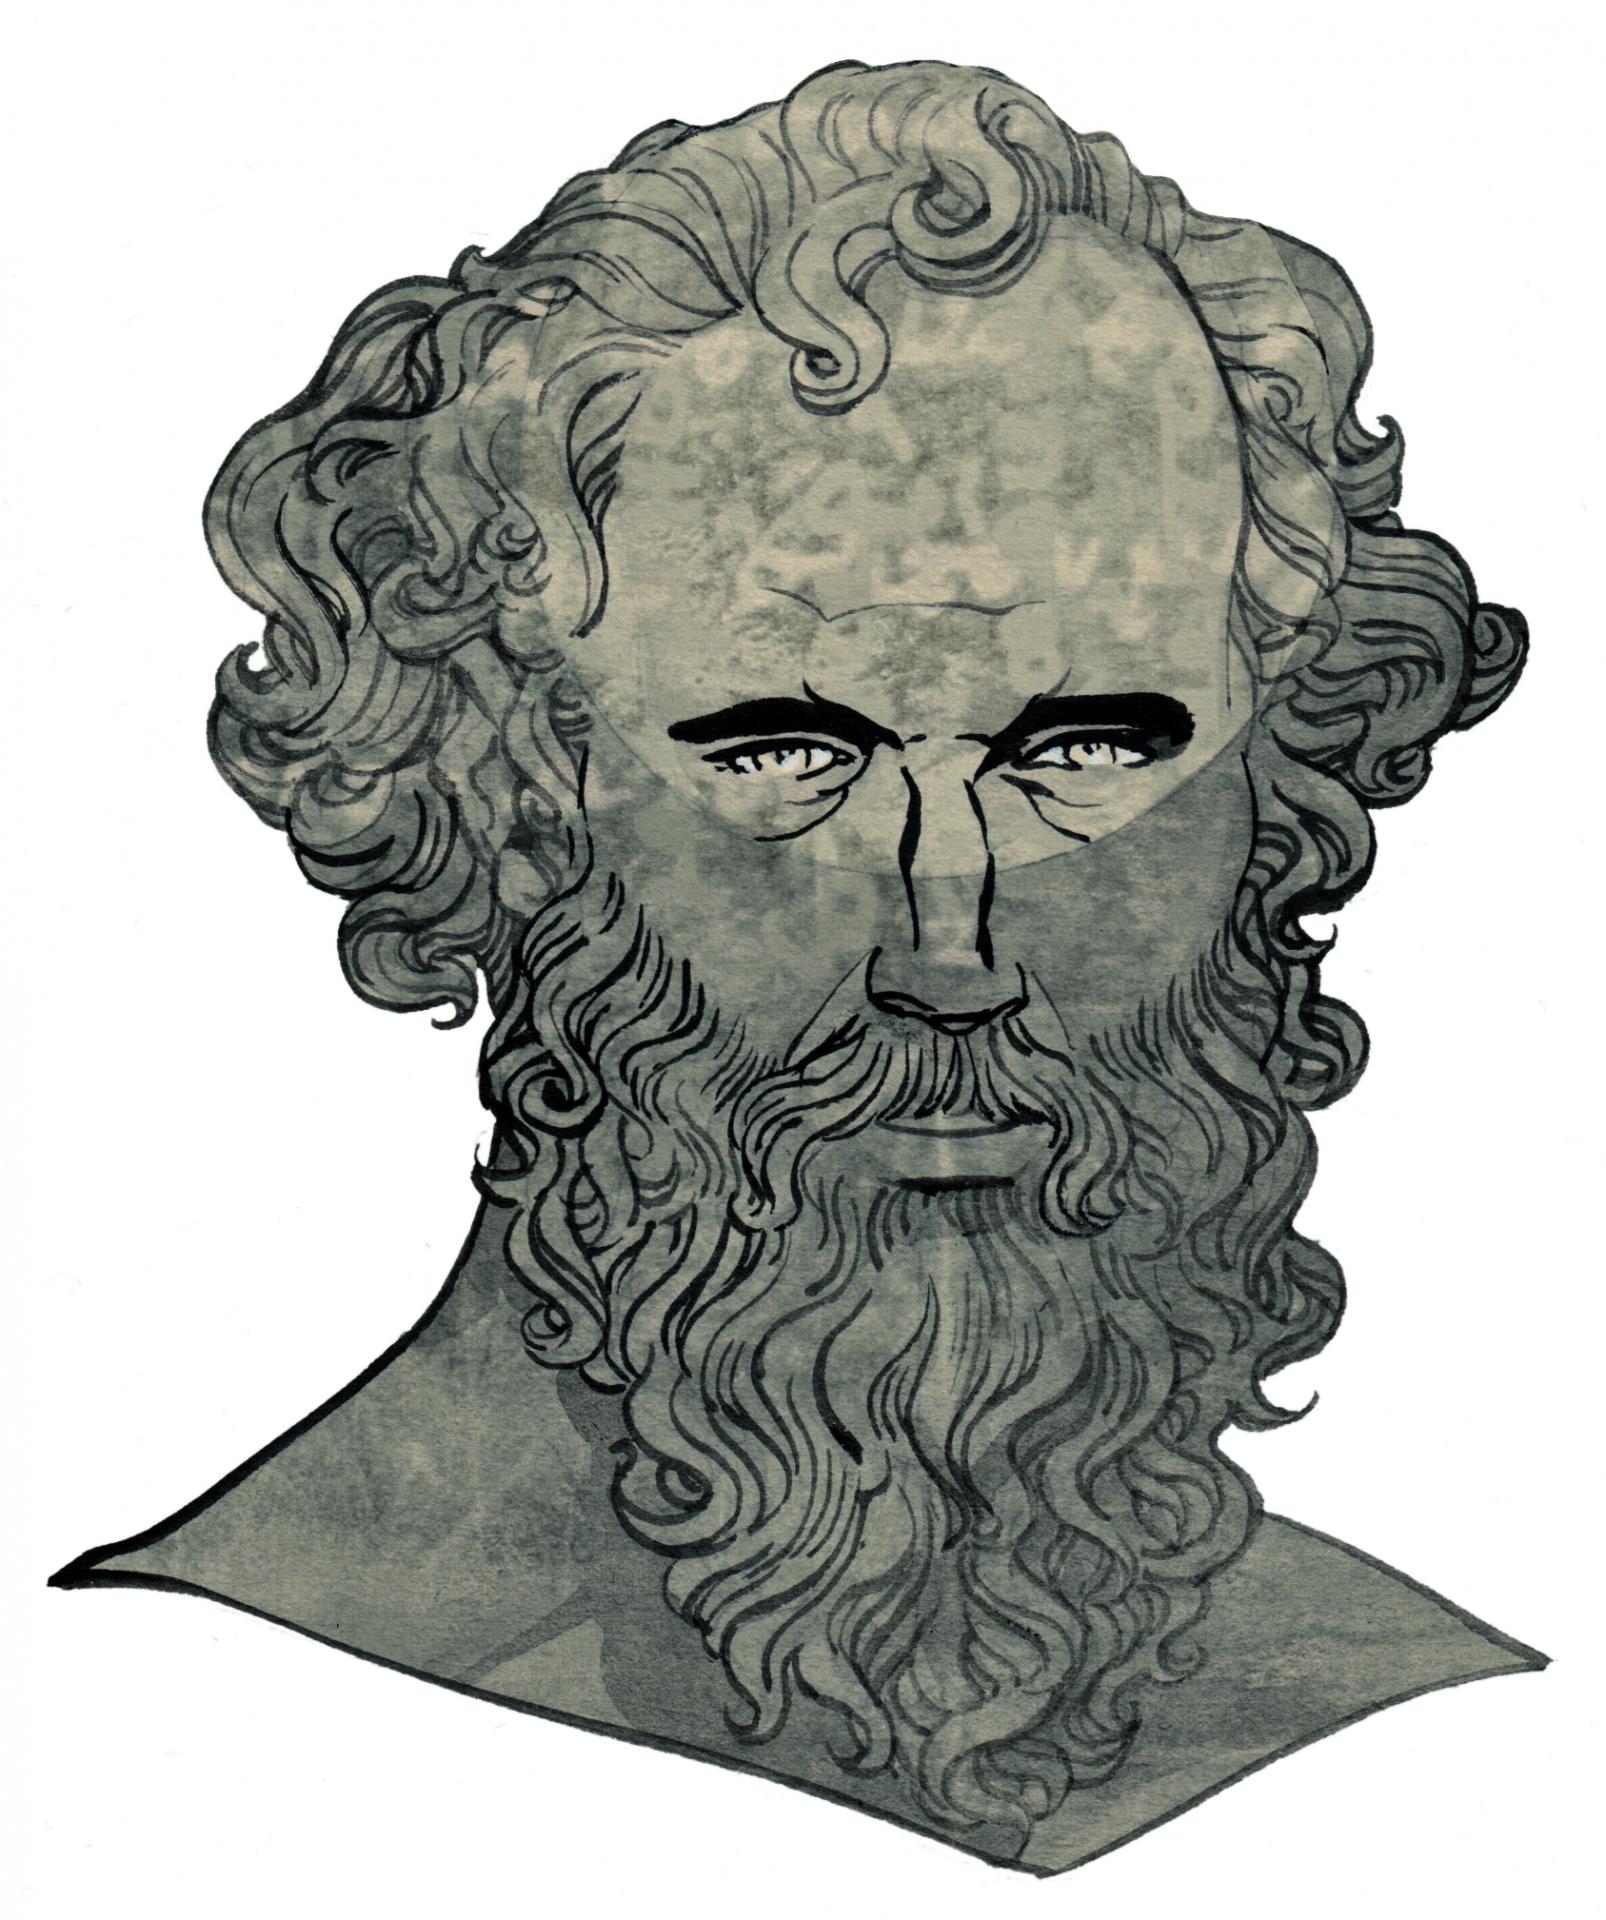 Archimedia 1/2016: Archimede infinito di Giuseppe Palumbo (con Video dalle Feste Archimedee a Siracusa!)